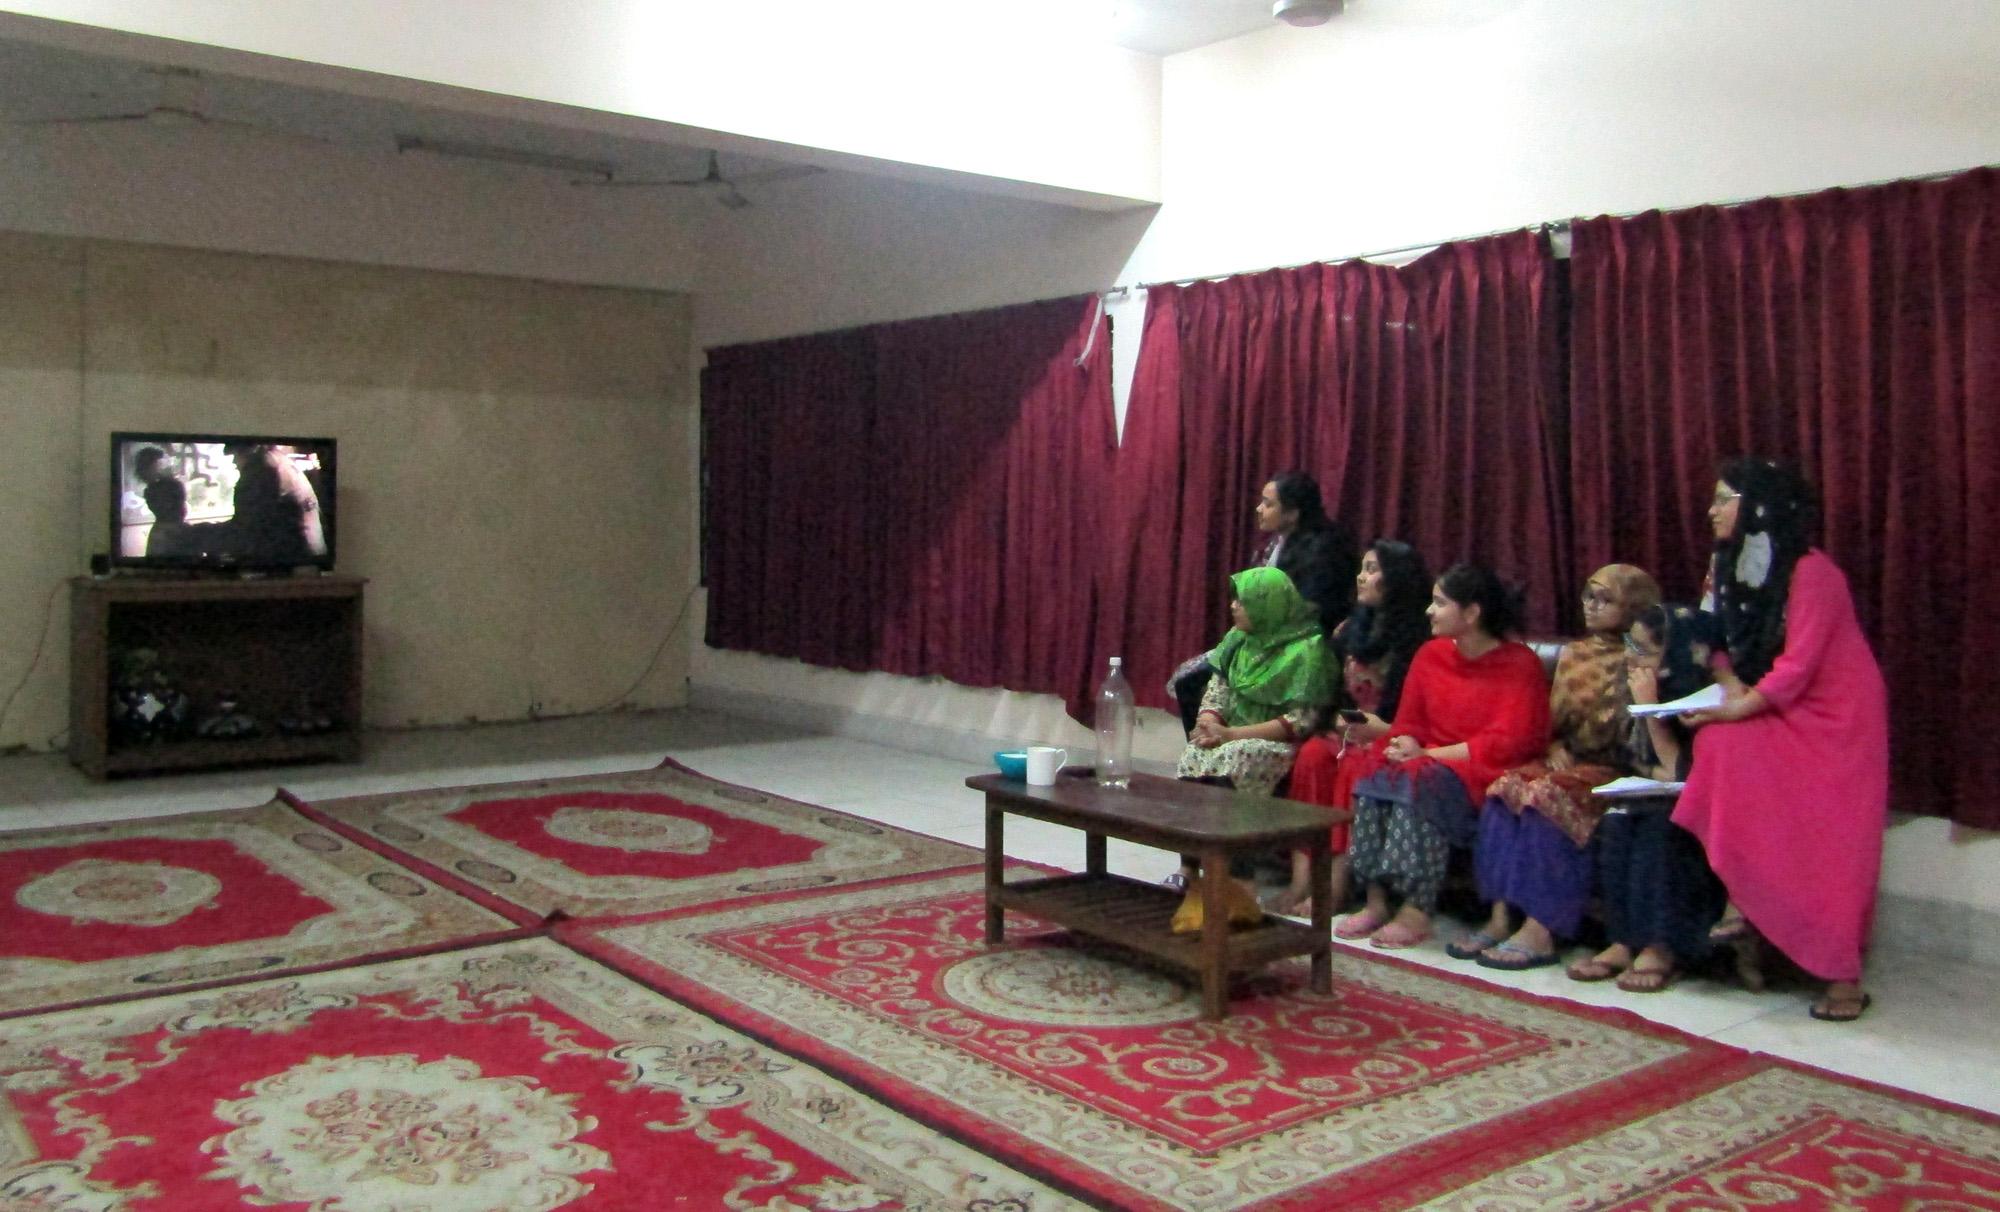 Hostel TV-Room